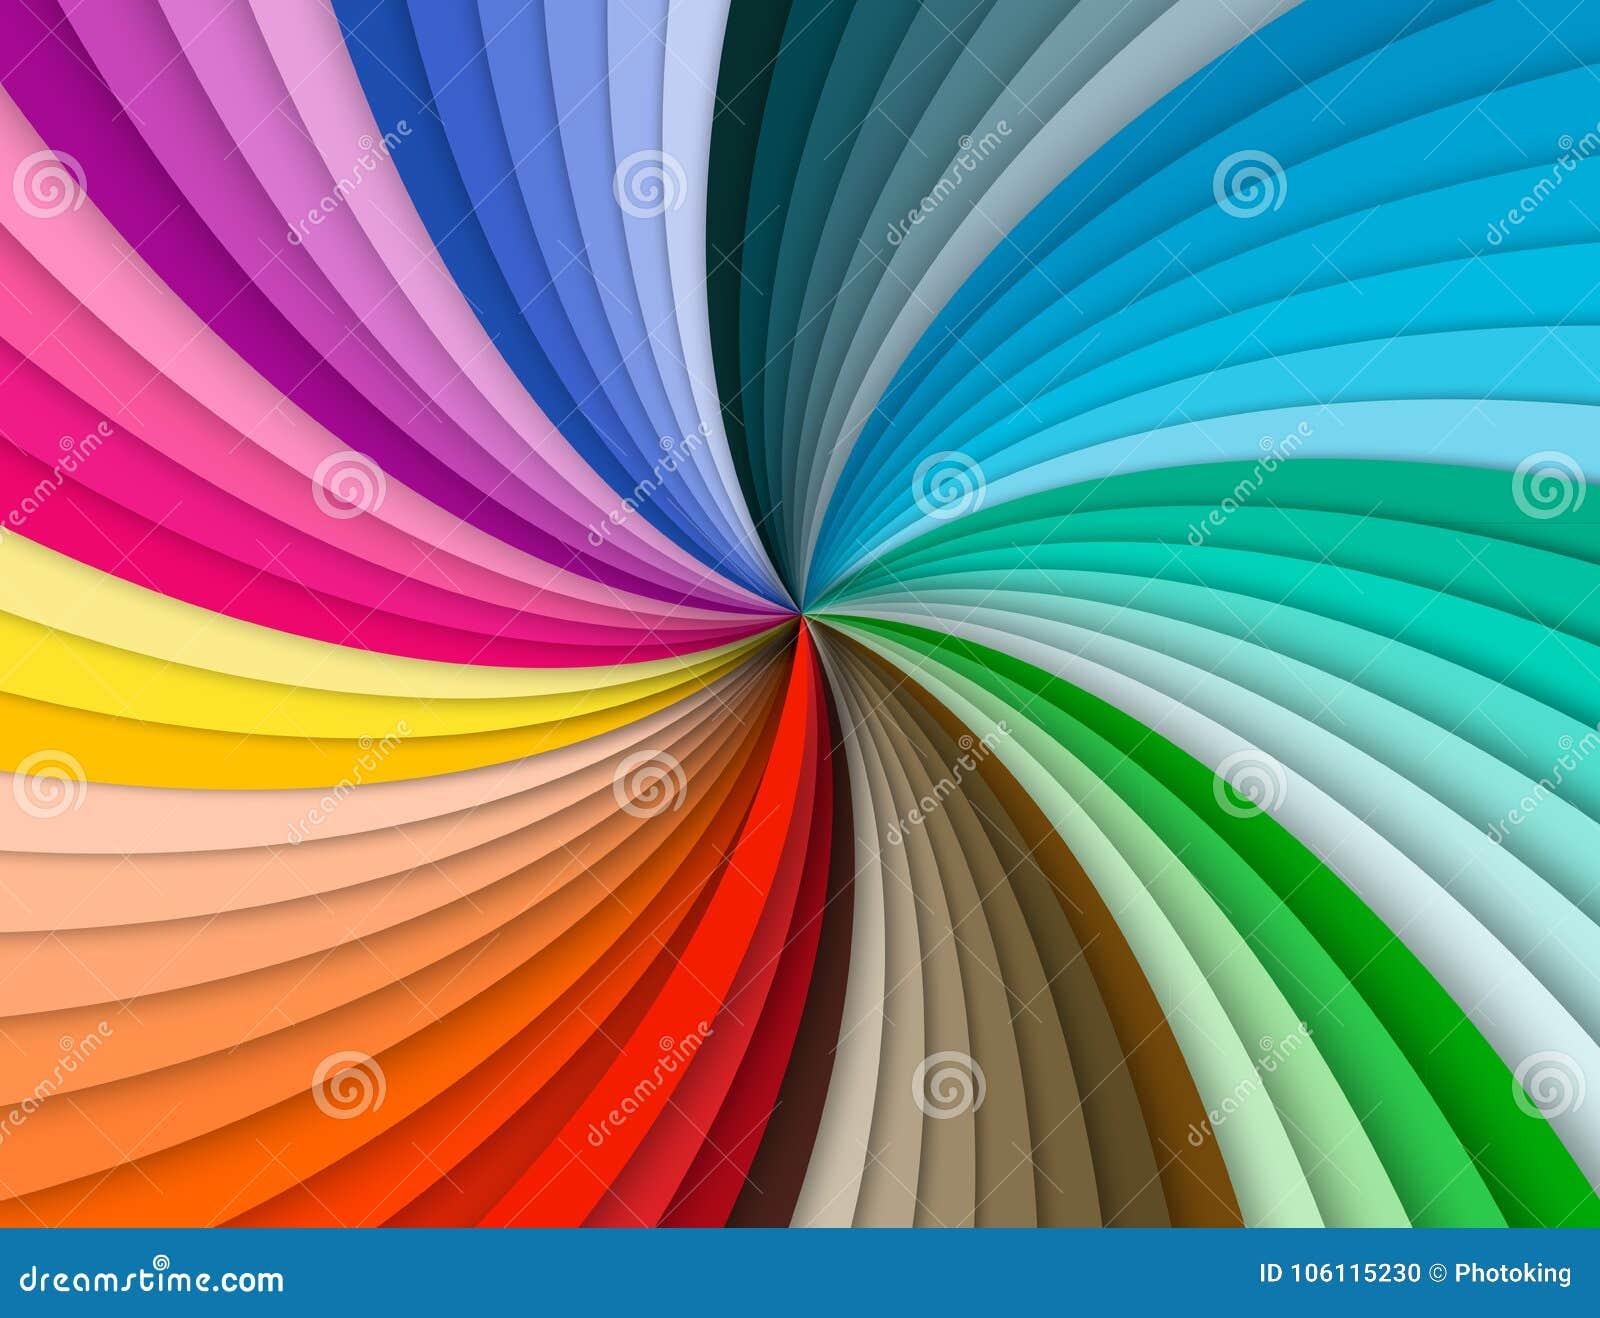 Tęczy kolorowy ślimakowaty tło